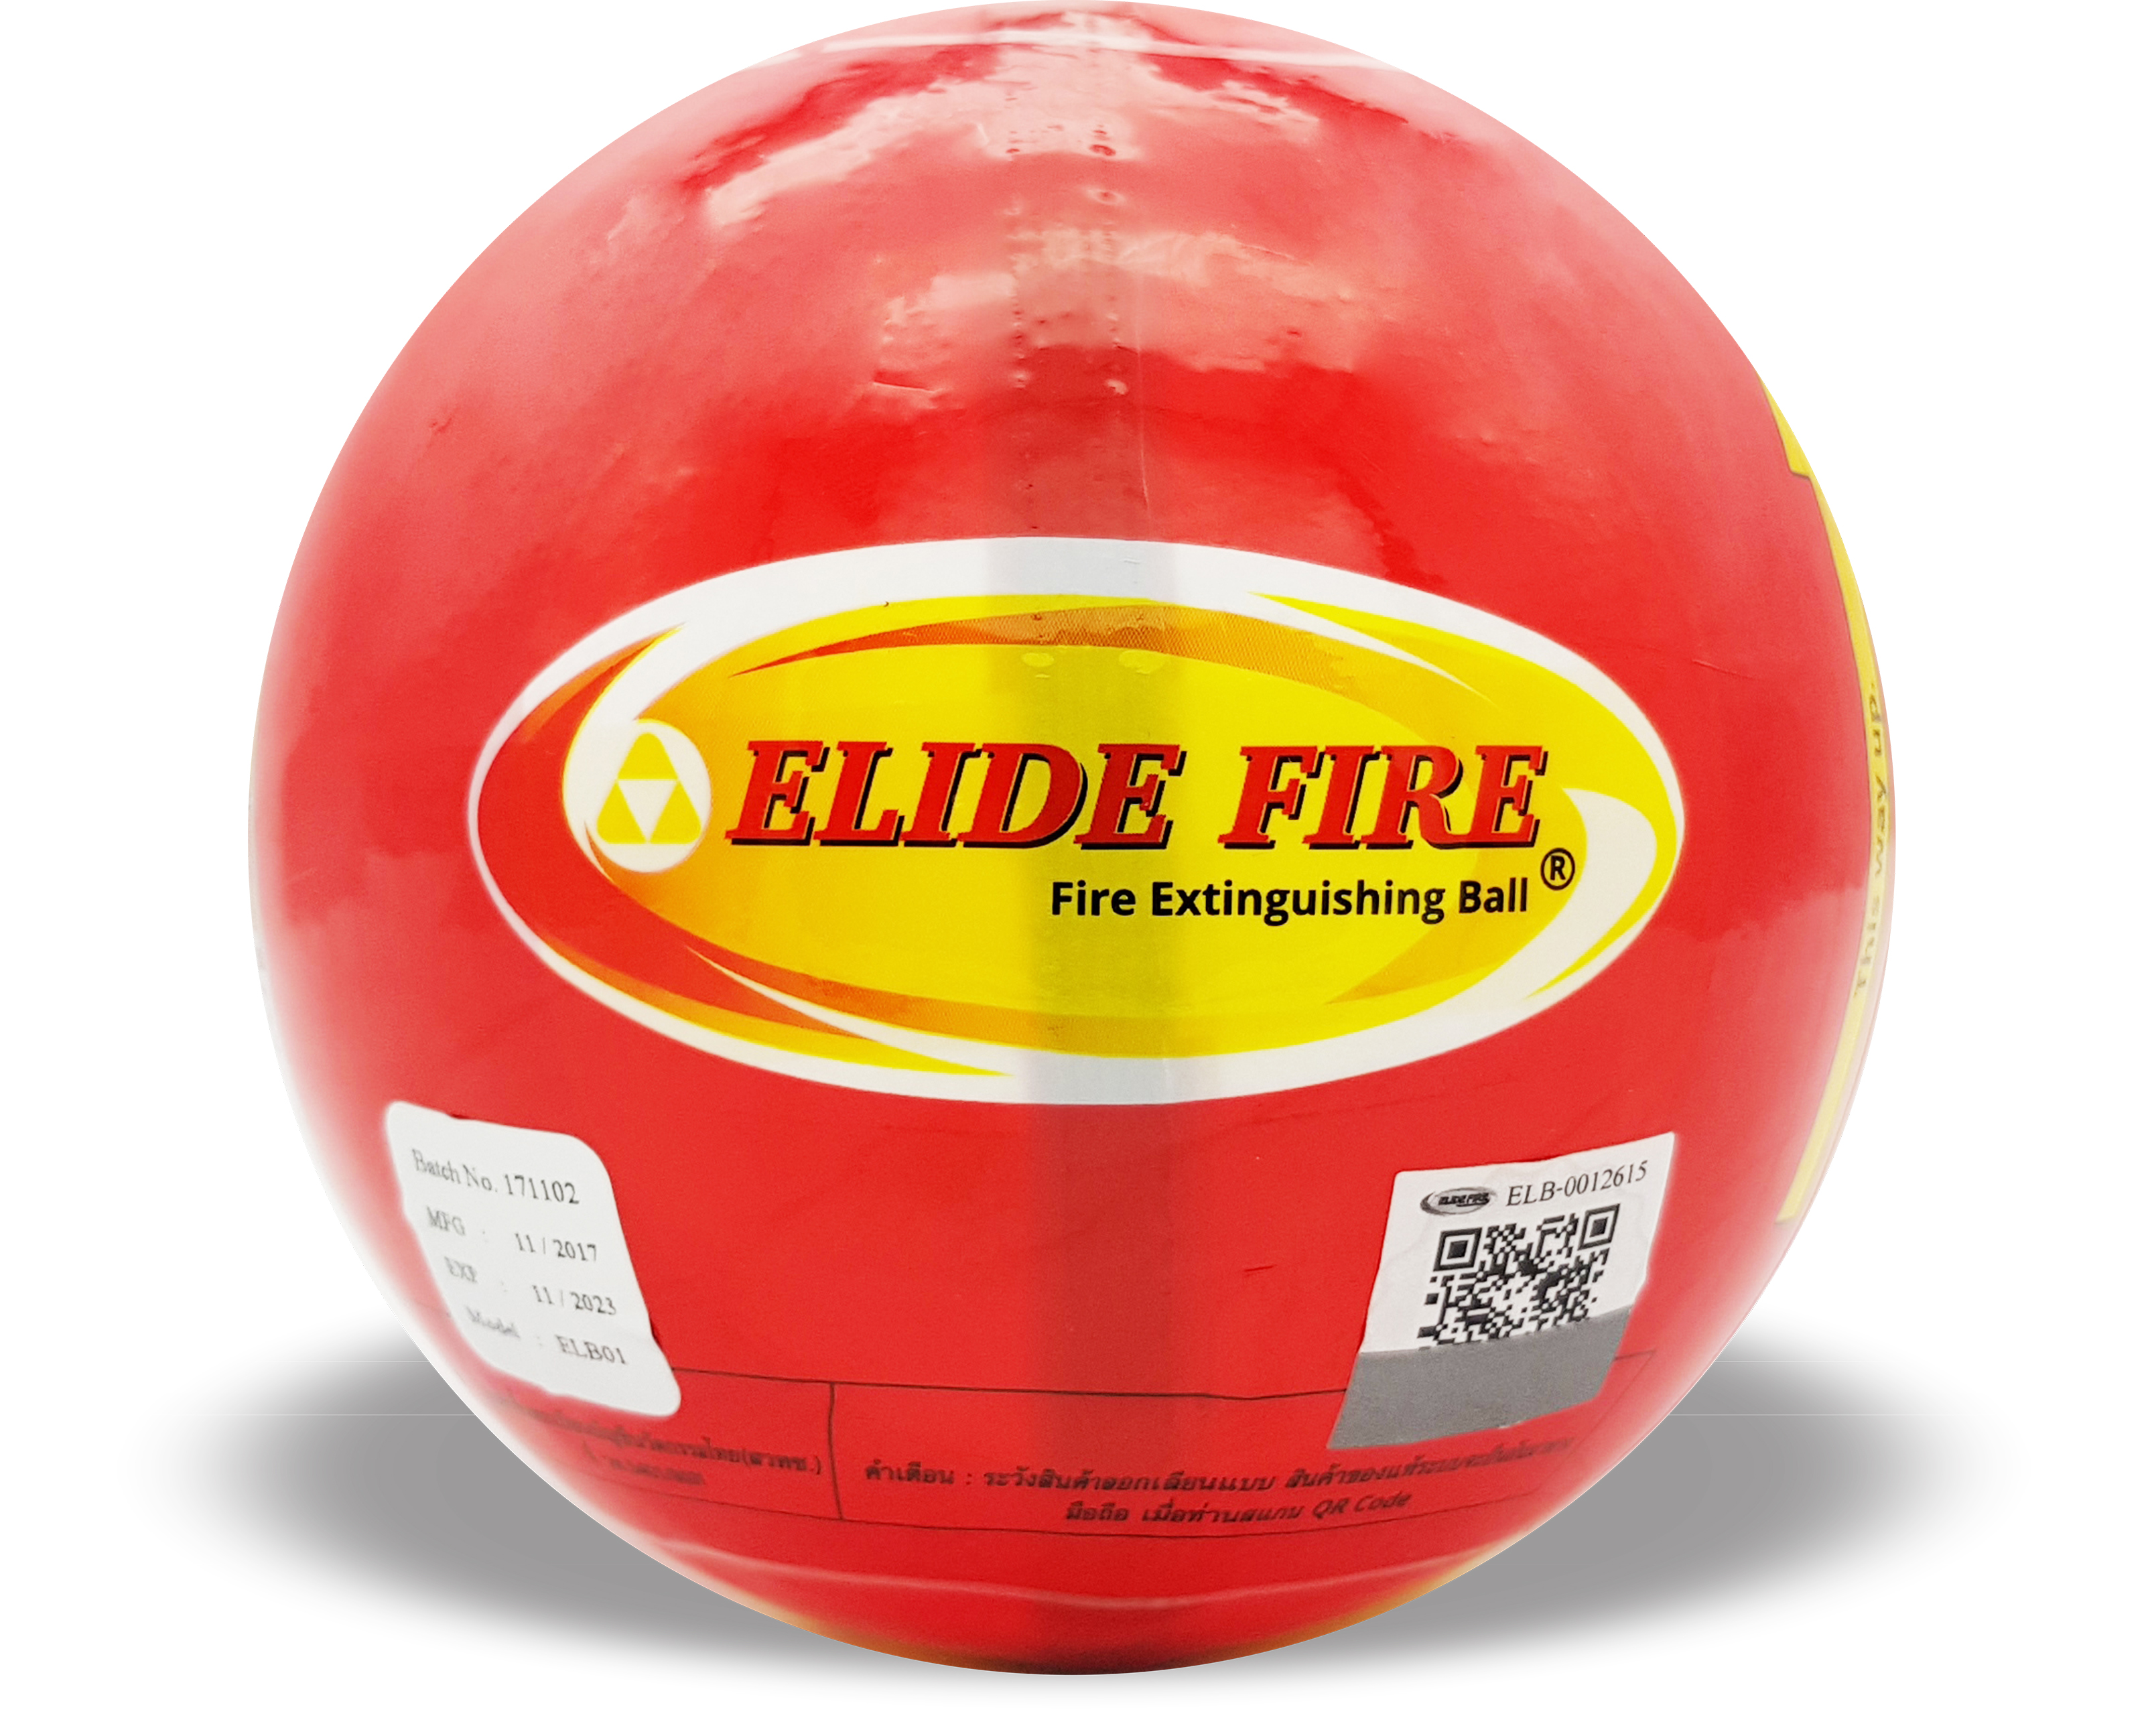 ลูกบอลดับเพลิง (อิไลด์ไฟร์) Elide Fire Extinguishing Ball